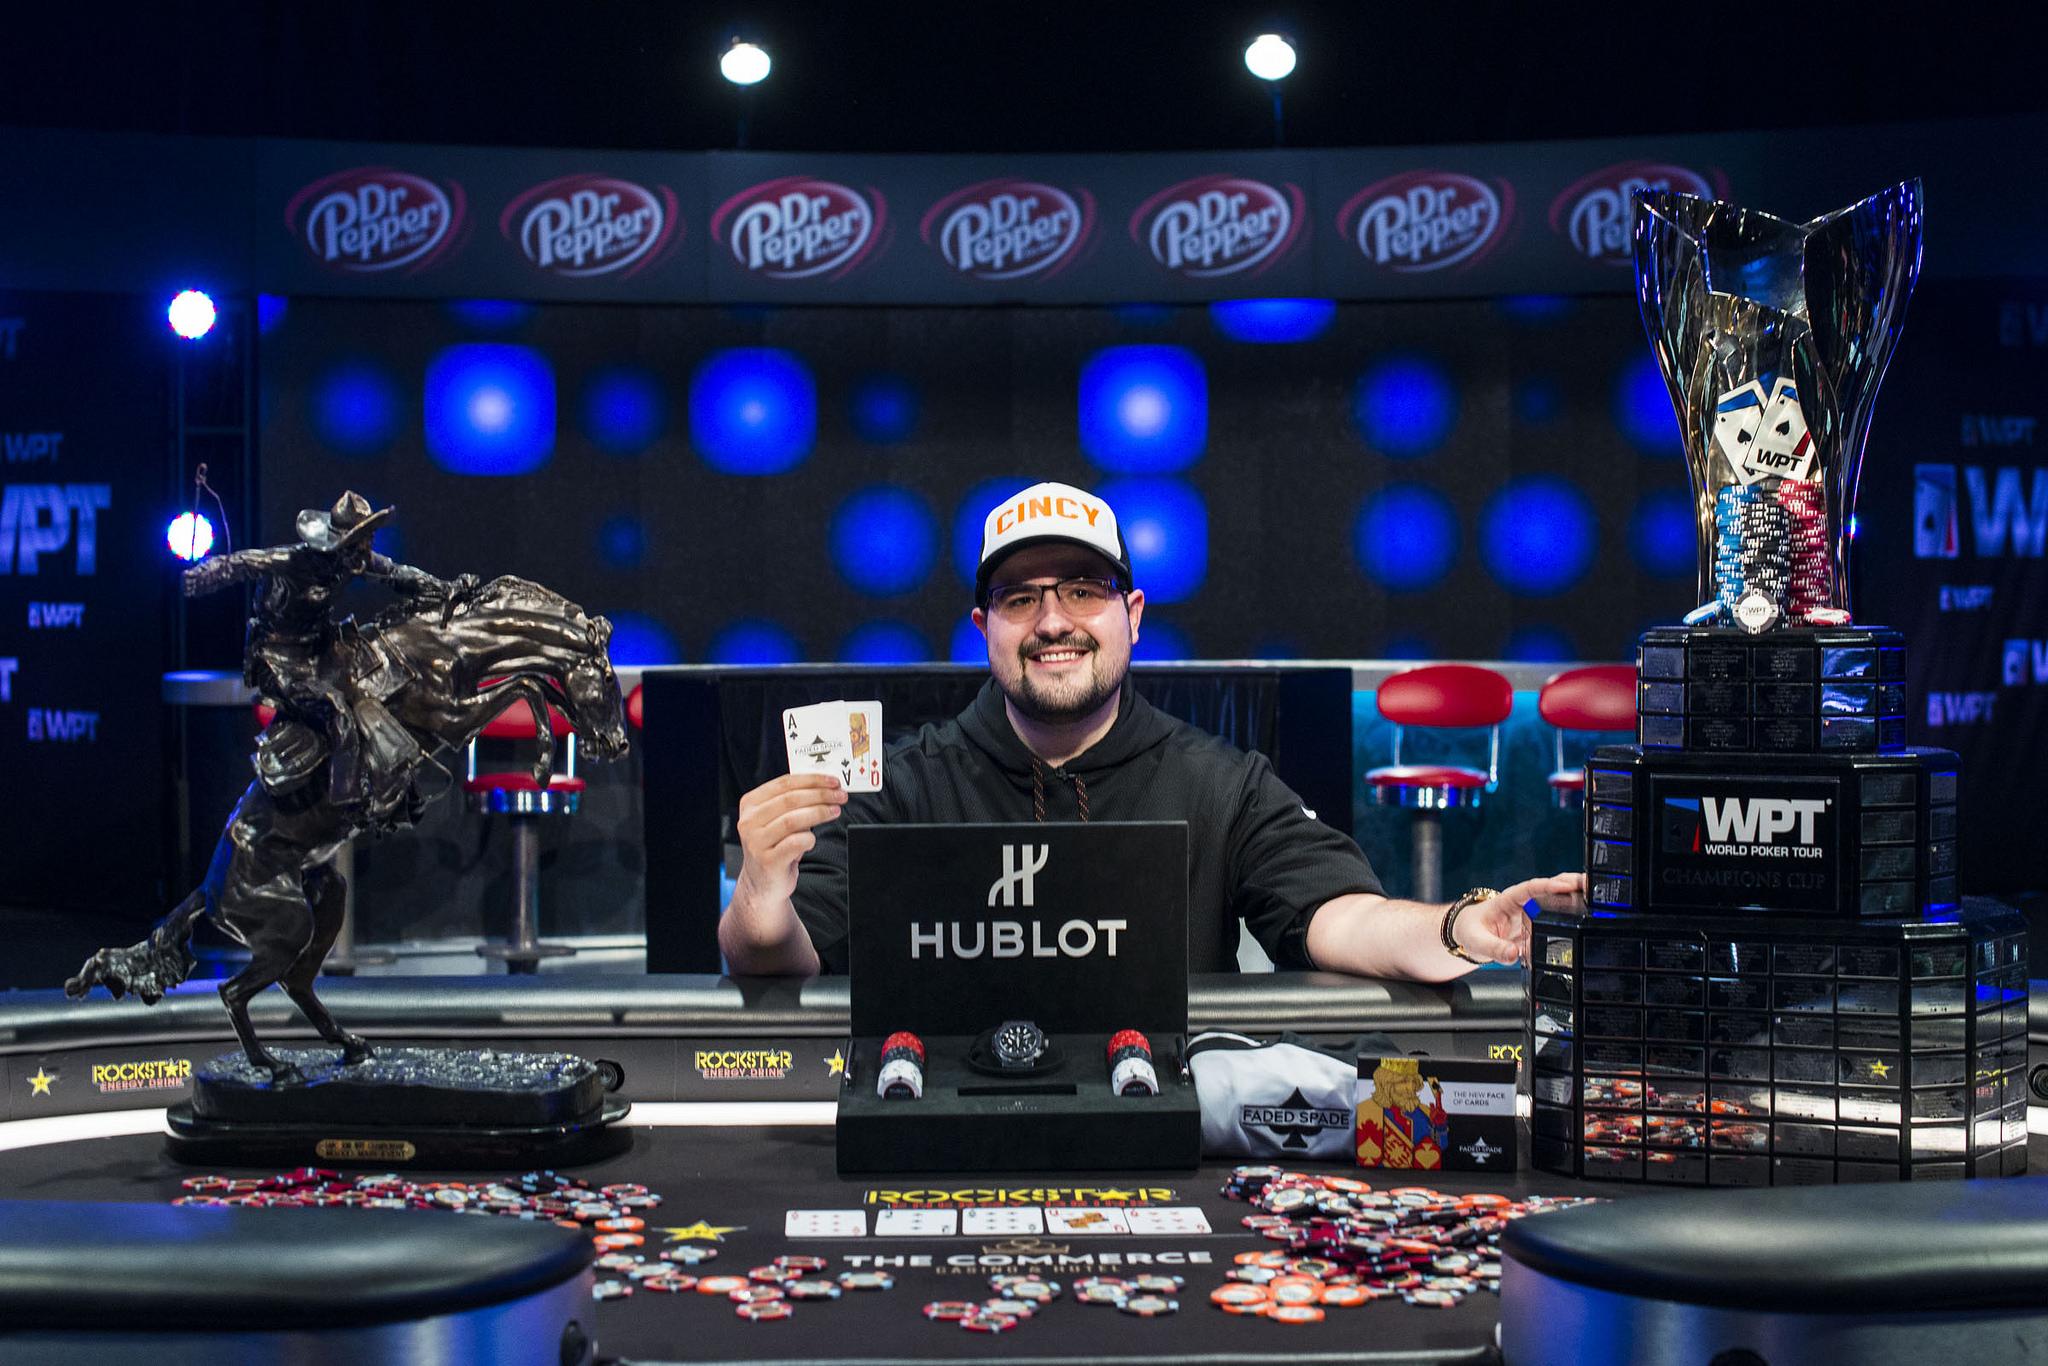 First-timer Dennis Blieden Wins WPT L.A. Poker Classic